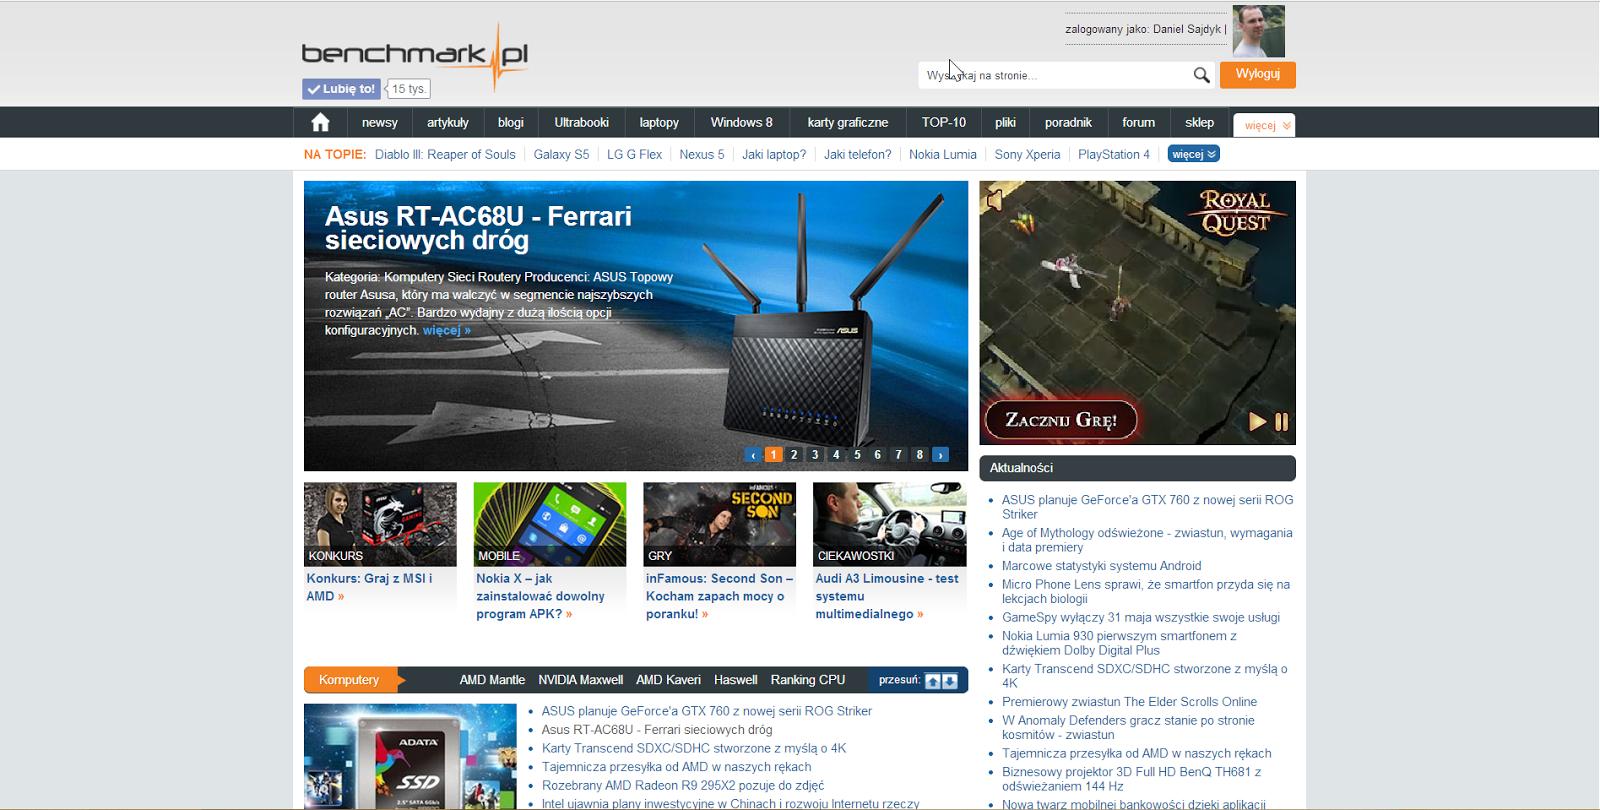 Strona główna portalu benchmark.pl